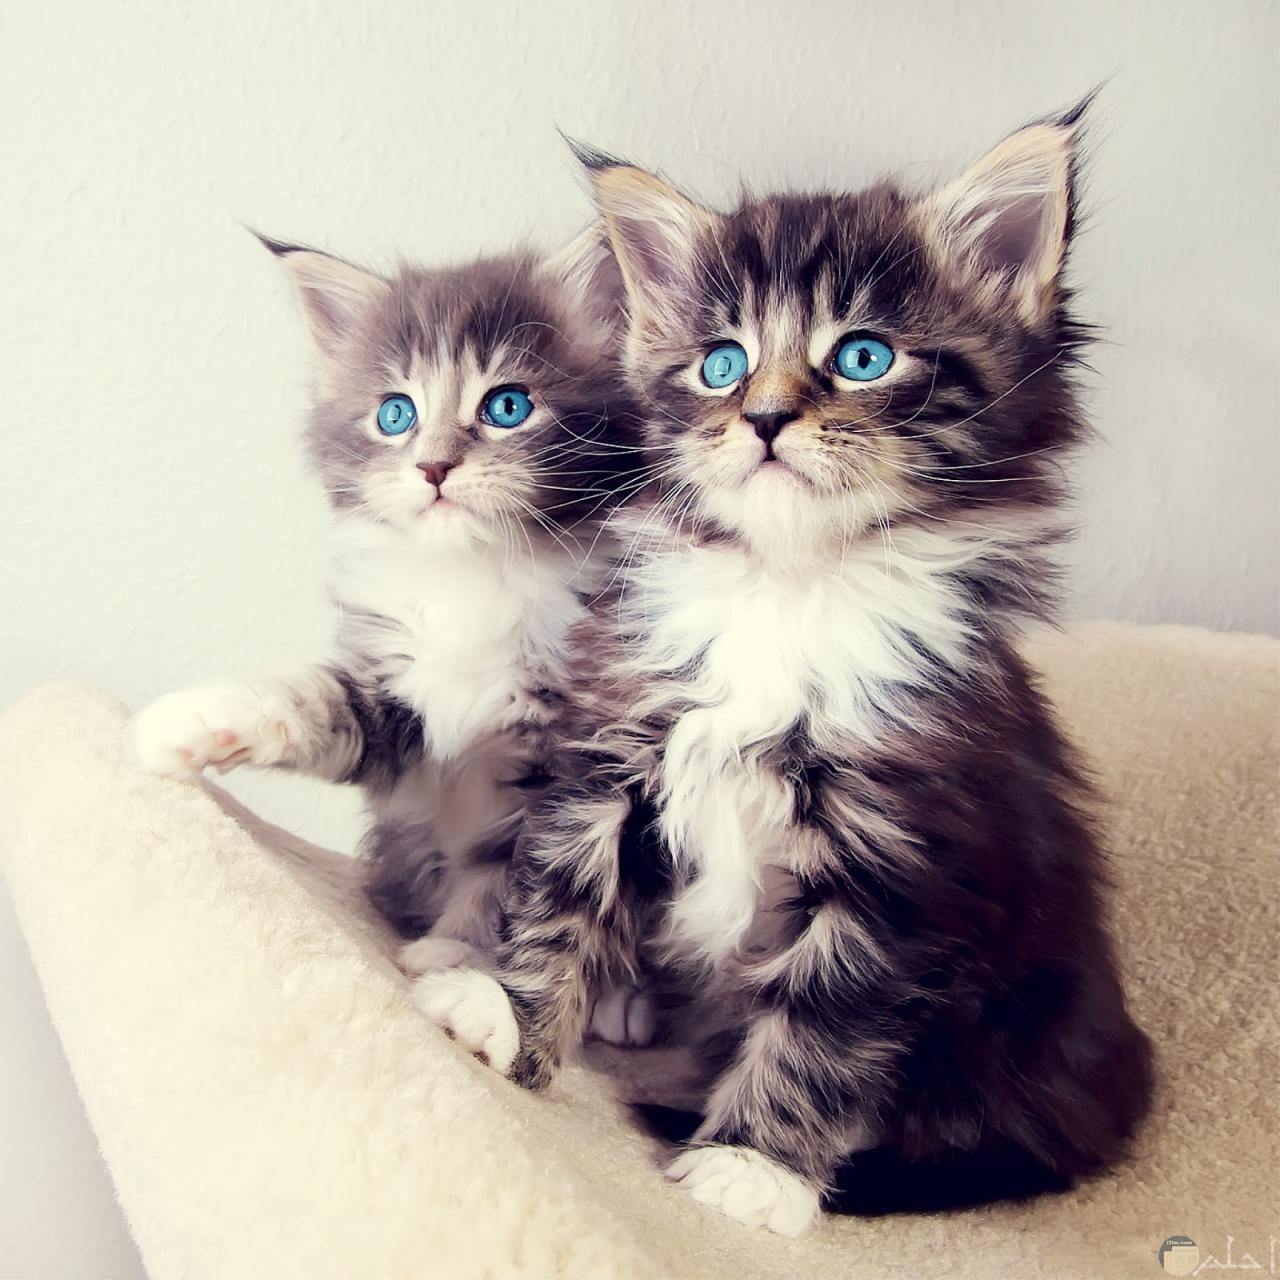 توينز من القطط الكيوت